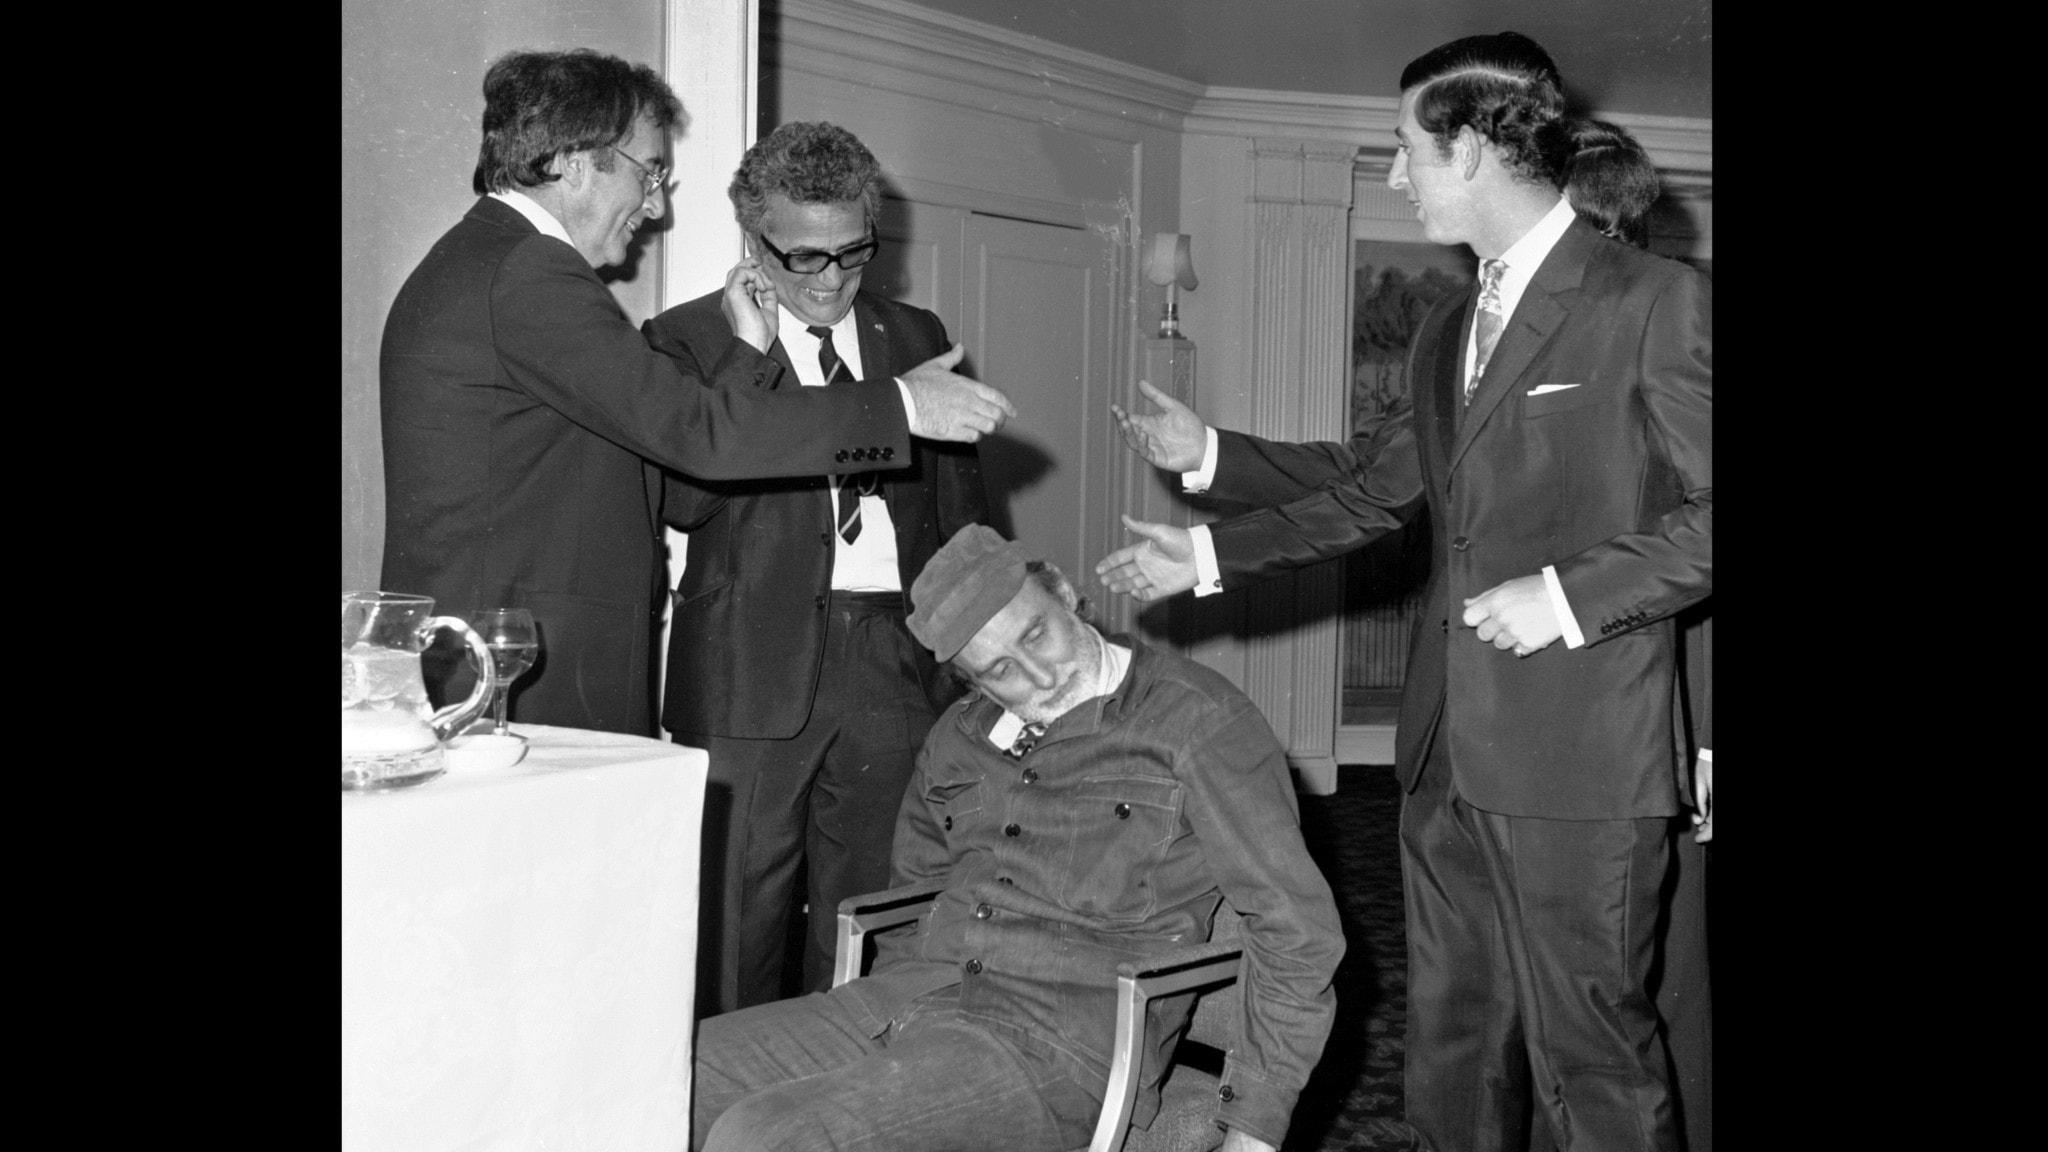 Bilden visar bland andra Peter Sellers, Spike Milligan och Prins Charles.